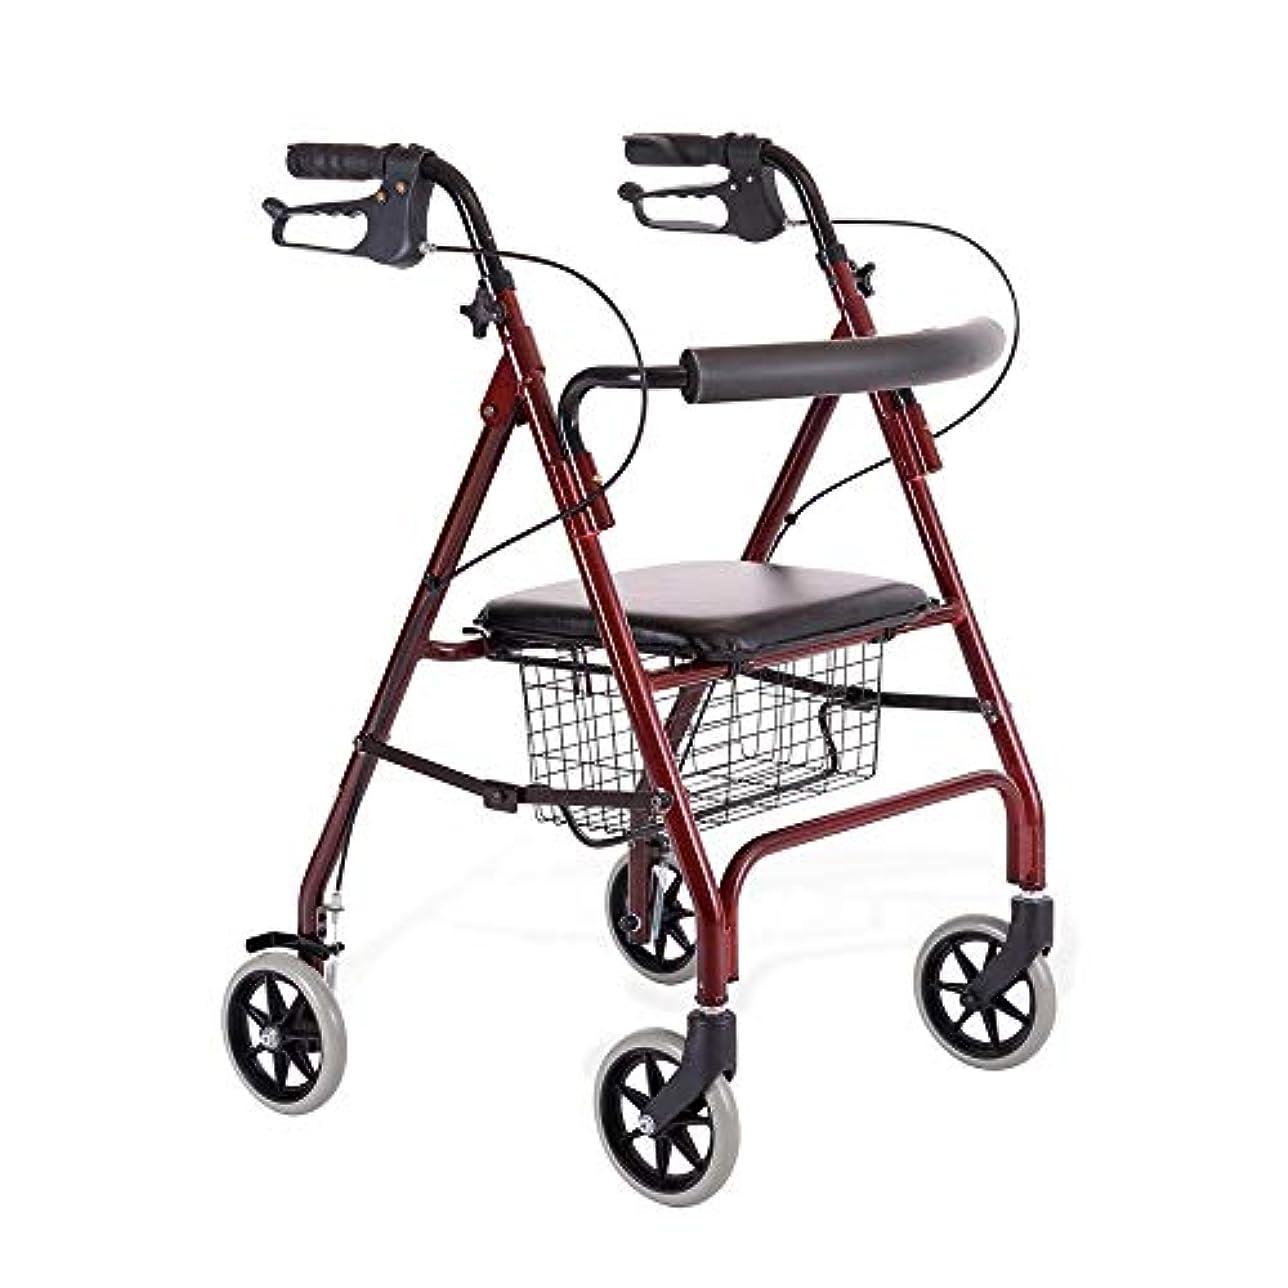 シートと買い物かご付き軽量折りたたみ式歩行歩行器、高さ調節可能、4車輪可動補助具